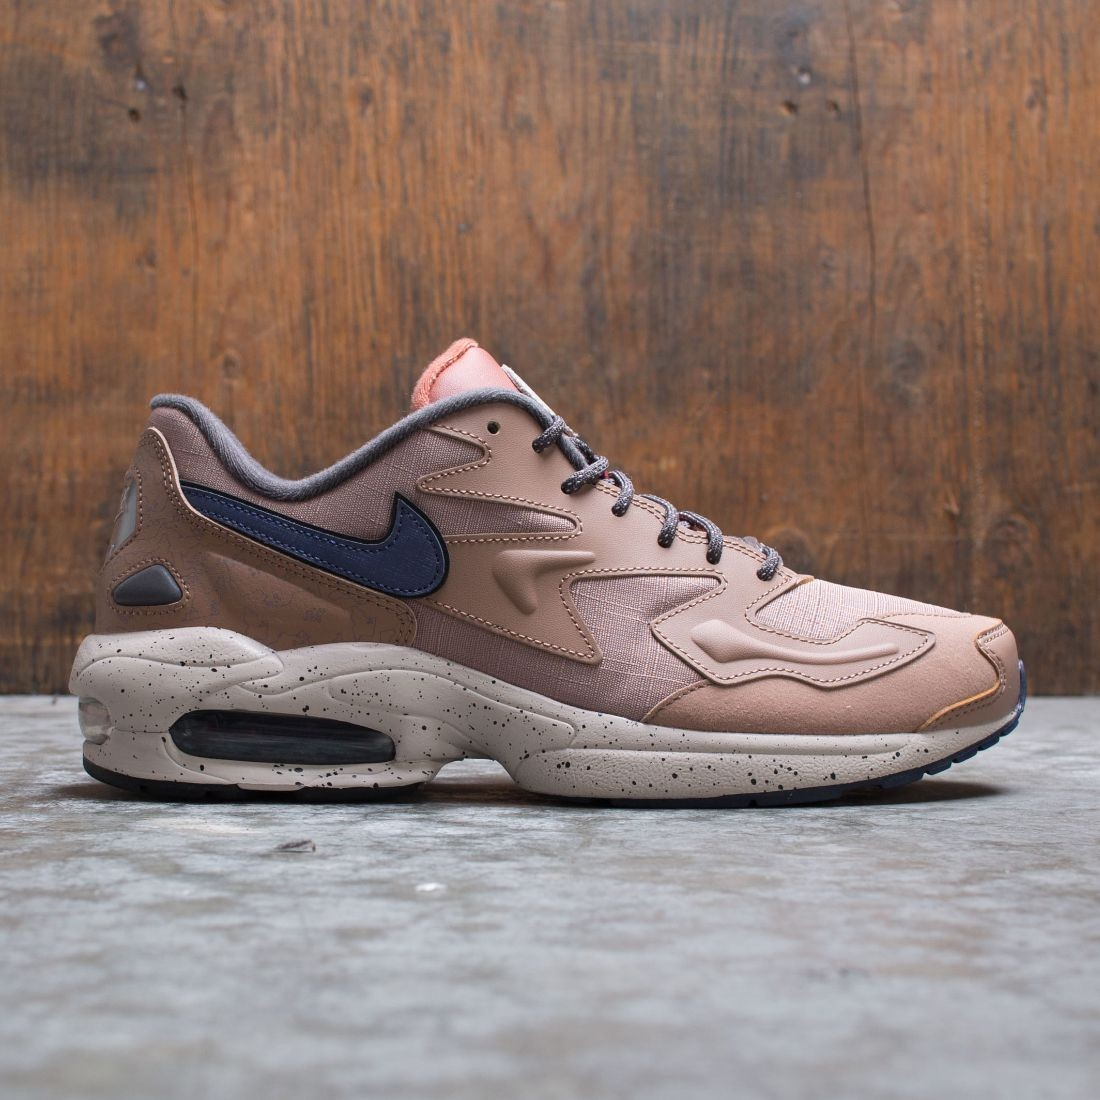 Nike Men Air Max2 Light Lx (desert dust / sanded purple-desert sand)